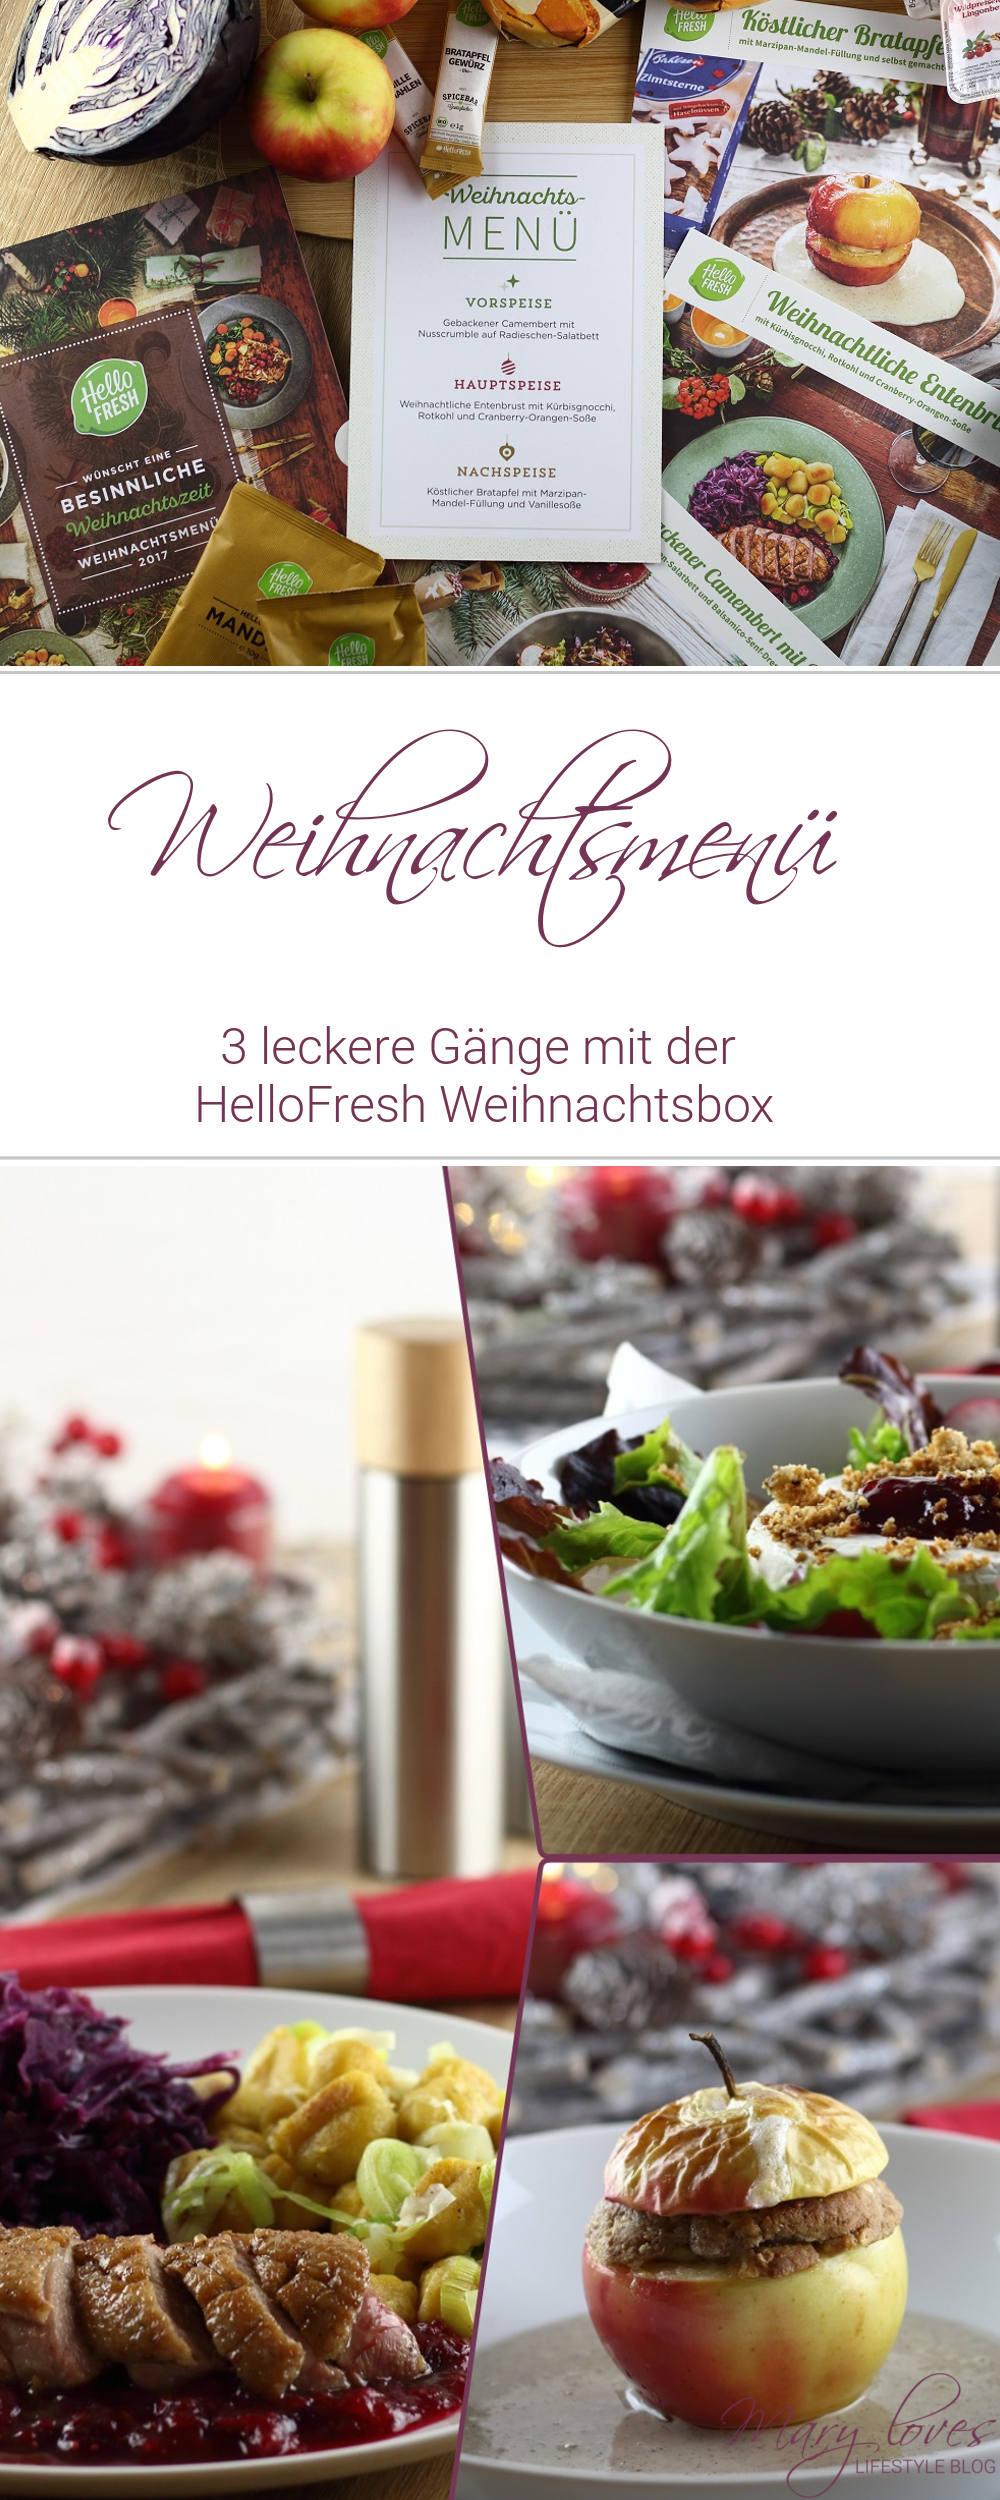 [Anzeige] Ein leckeres Weihnachtsmenü mit der HelloFresh Weihnachtsbox - #hellofresh #weihnachtsmenü #weihnachten #weihnachtsessen #weihnachtsbox #festtagsessen